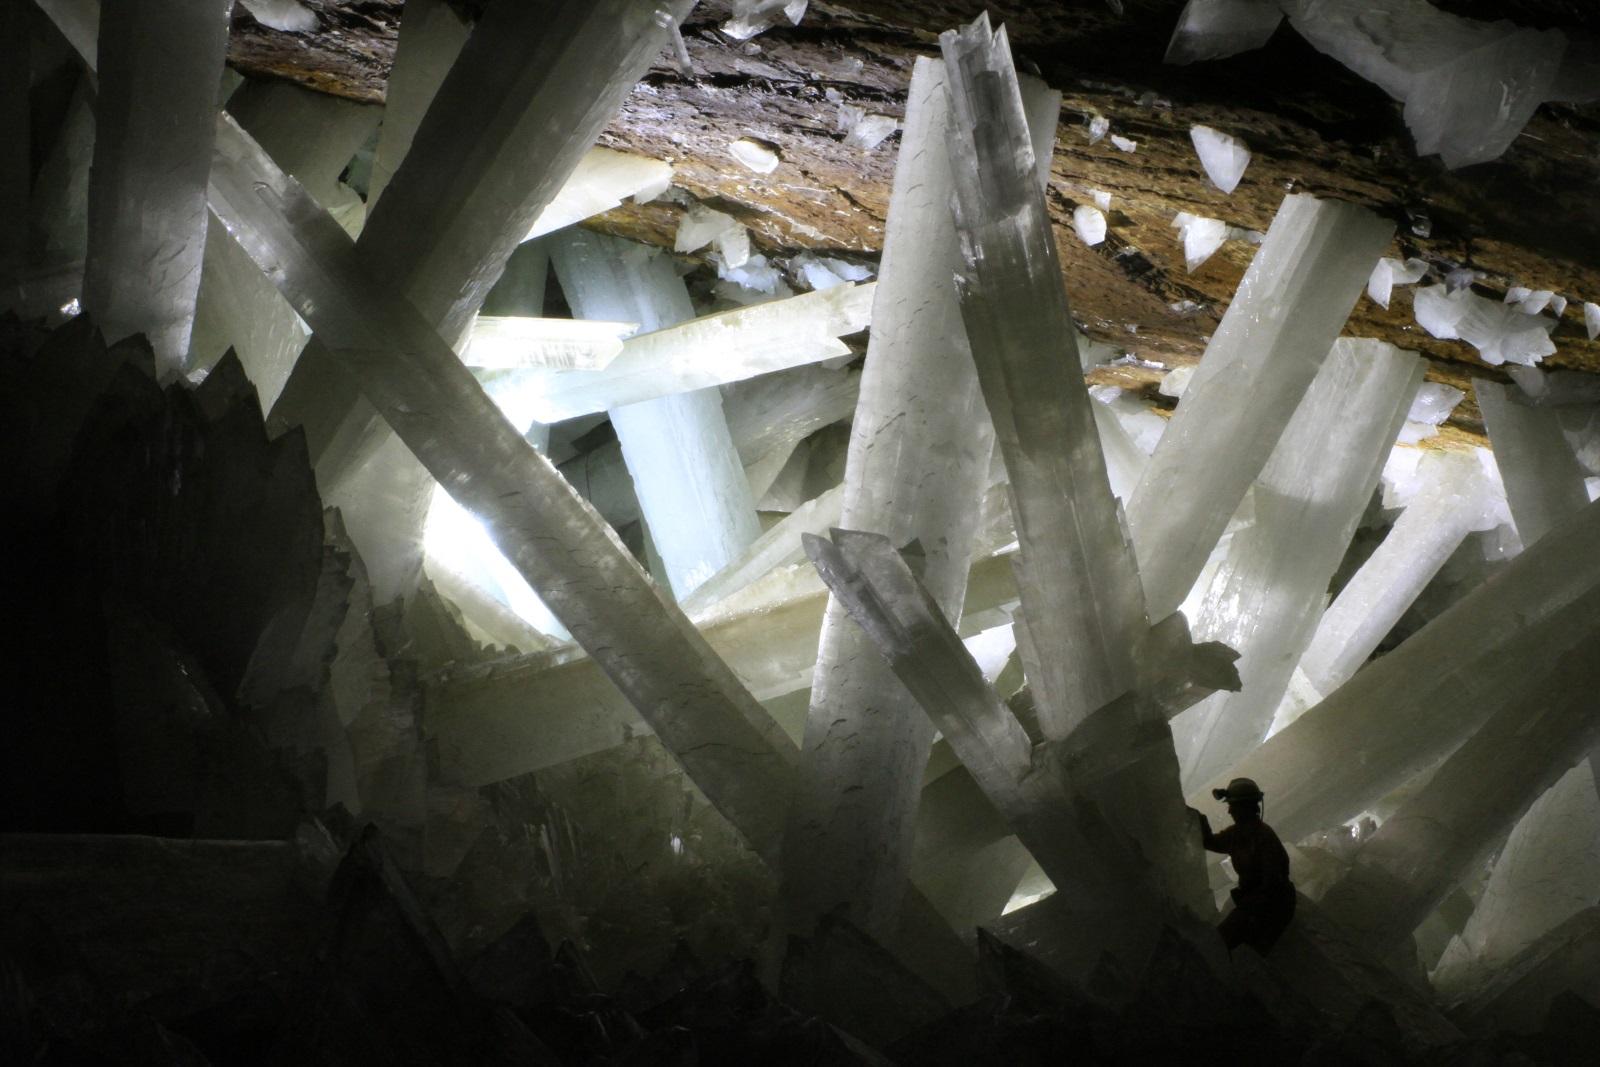 Gypsum crystals in Naica cave Mexico